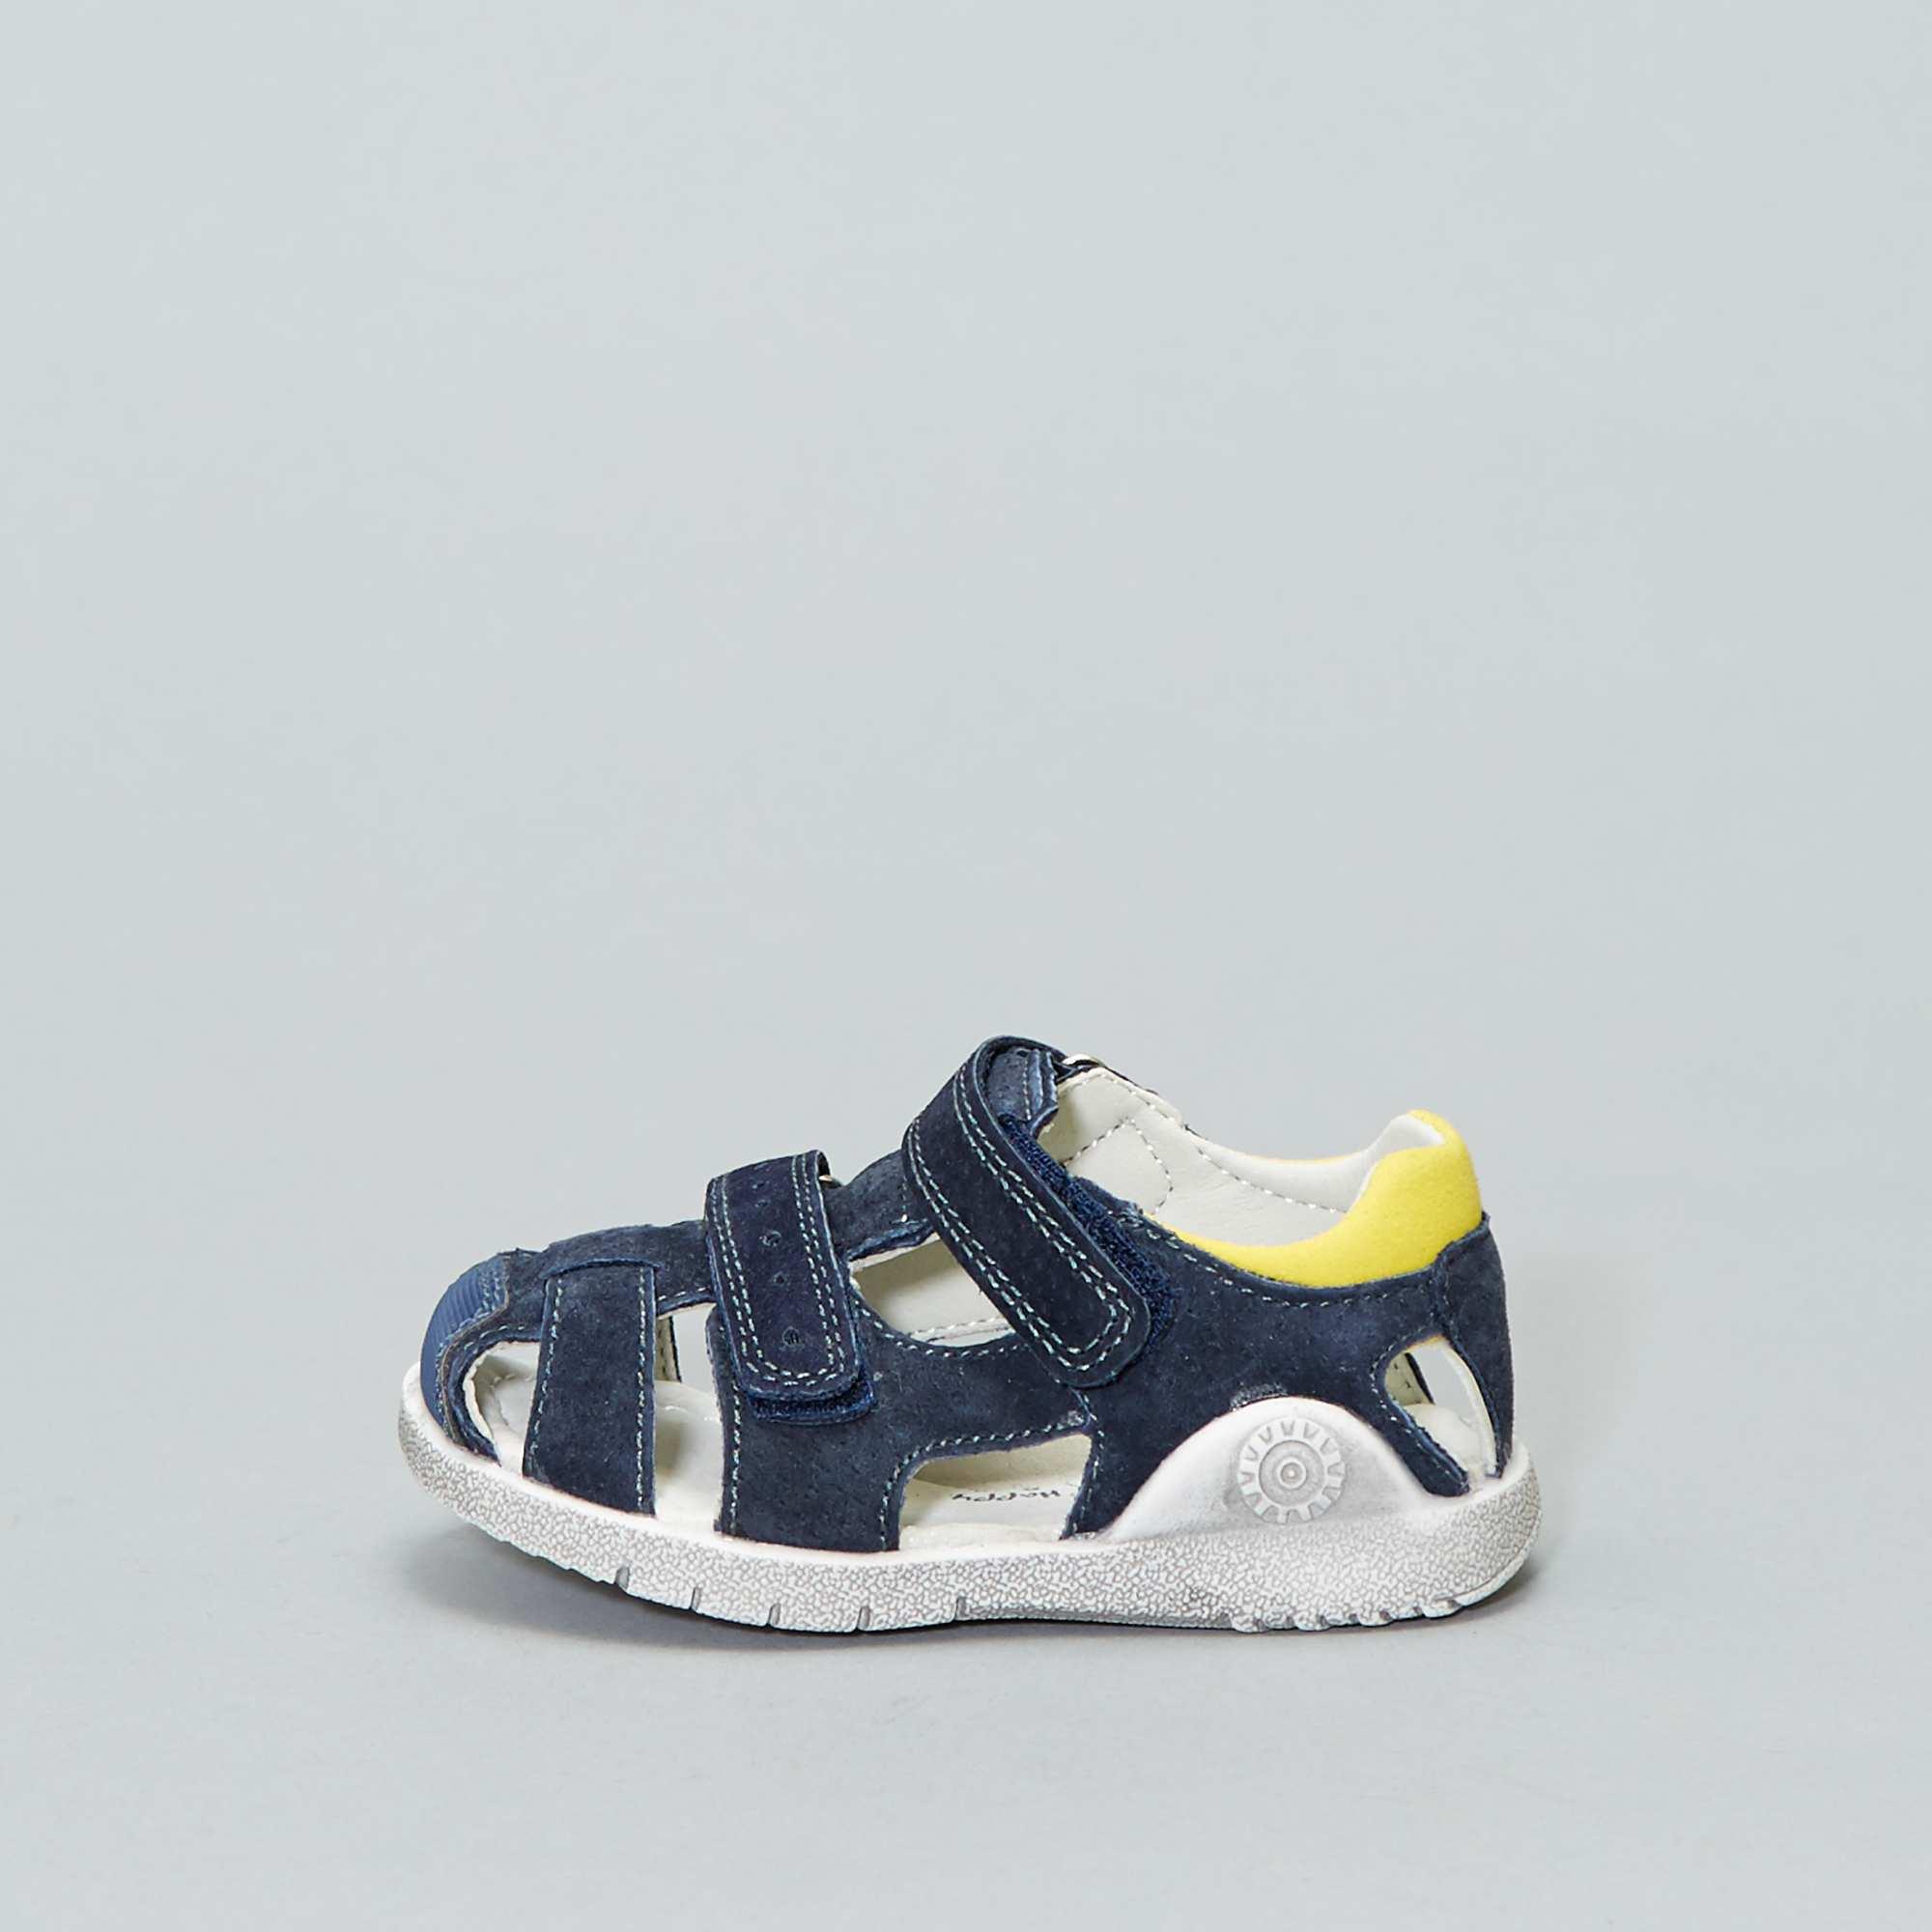 be67281810889 Sandales en croûte de cuire Chaussures - marine - Kiabi - 19